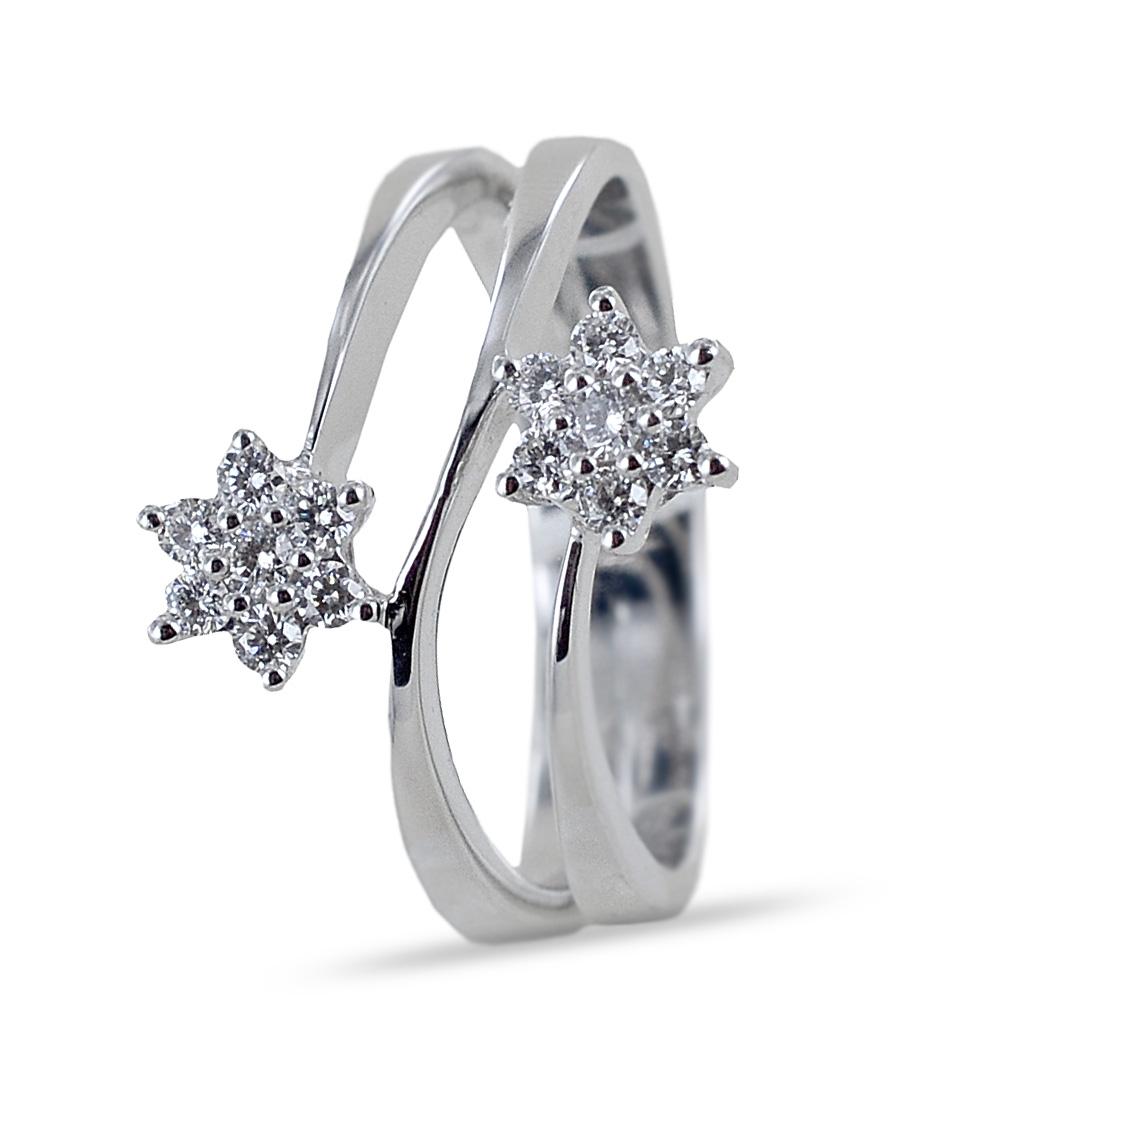 Anello con doppia stella di diamanti su tre fasce Gioielli Valenza